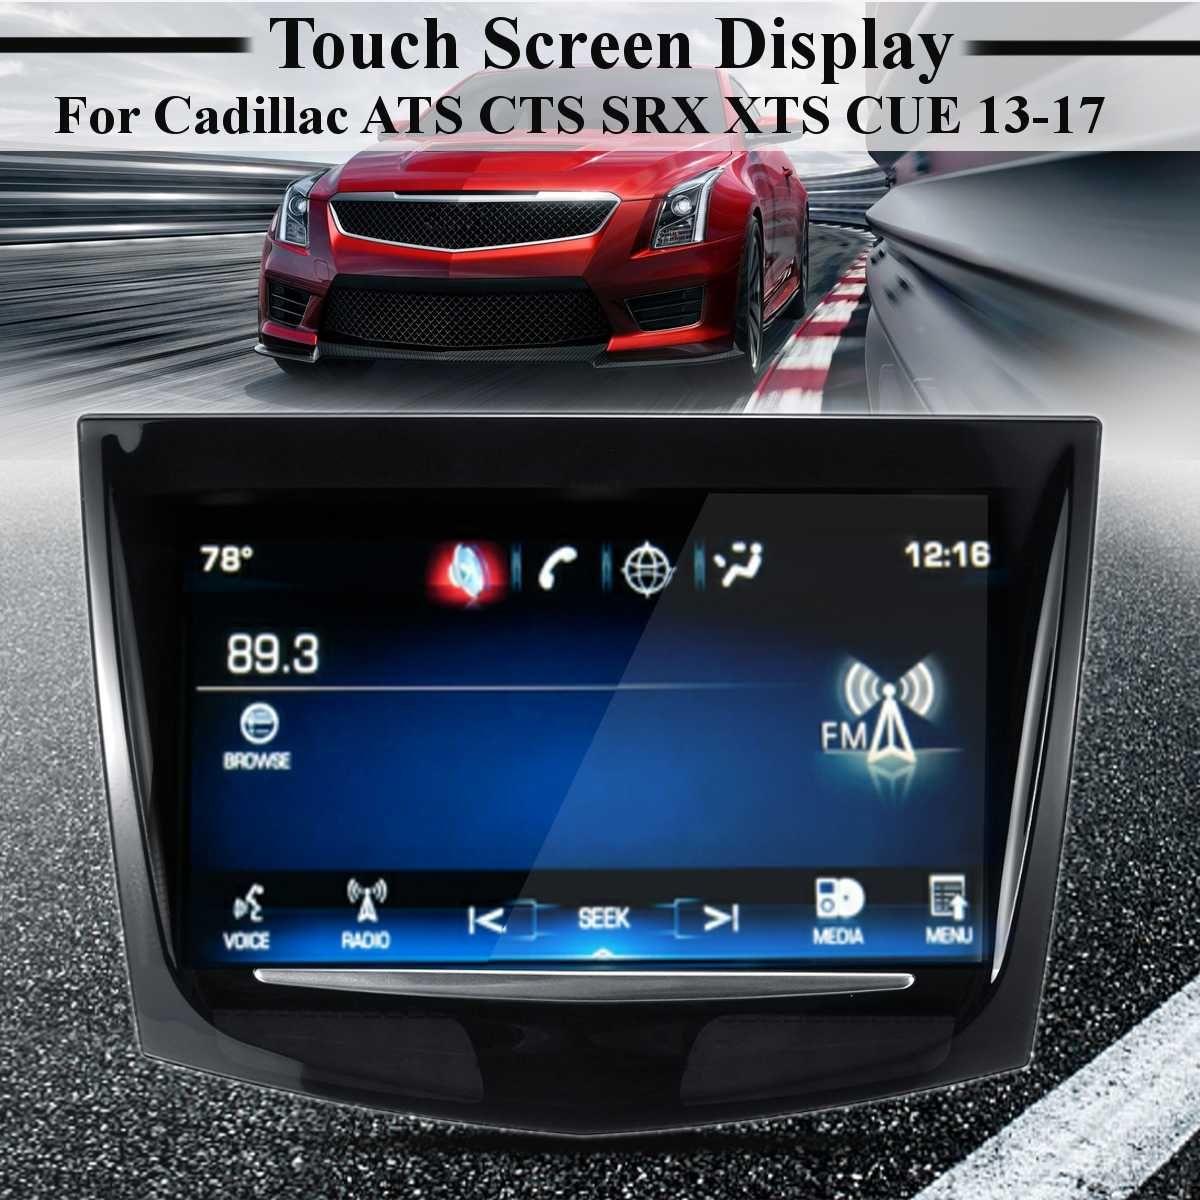 Für Touch Screen Display Für Cadillac Escalade ATS CTS SRX XTS QUEUE 2013-2017 gefühl für touch display digitizer